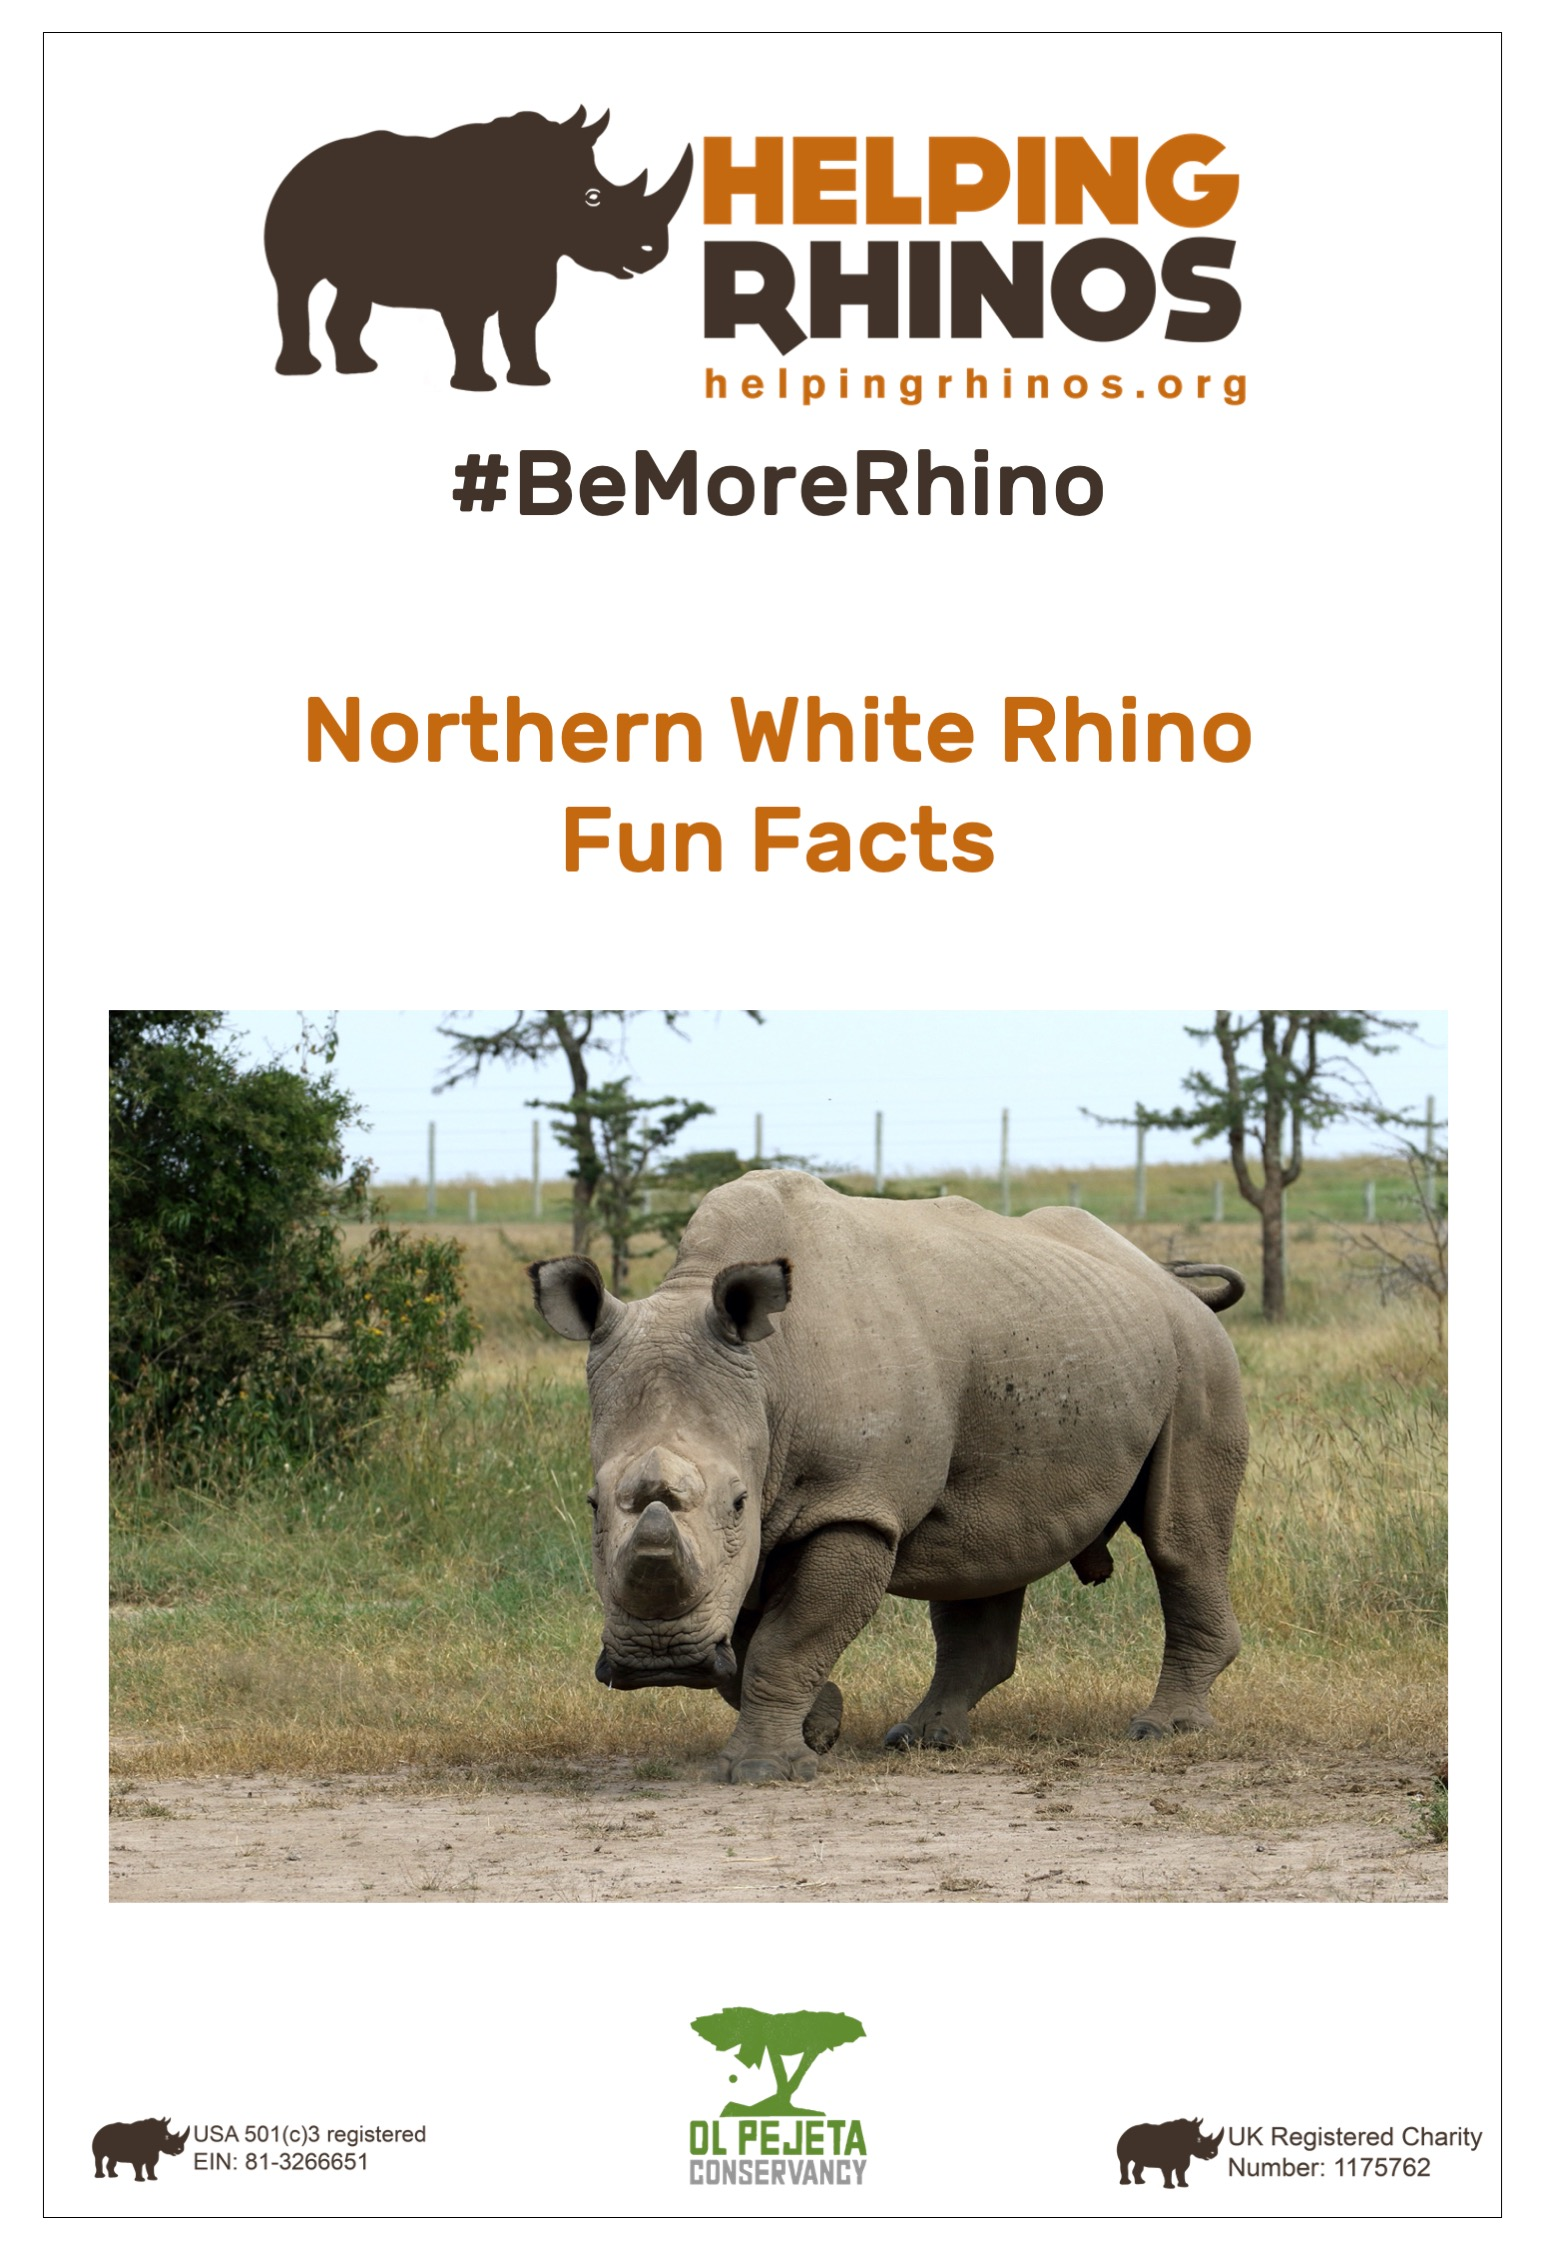 Northern White Rhino Factsheet